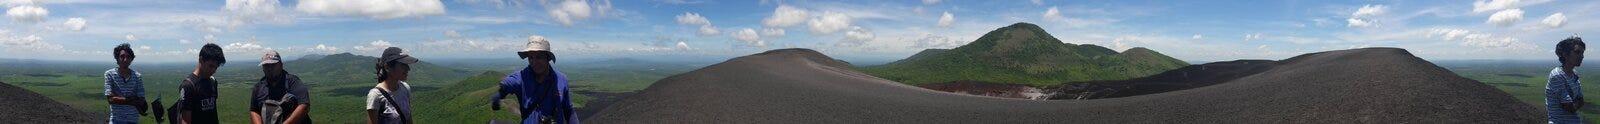 Ландшафт негра Cerro Стоковые Фотографии RF